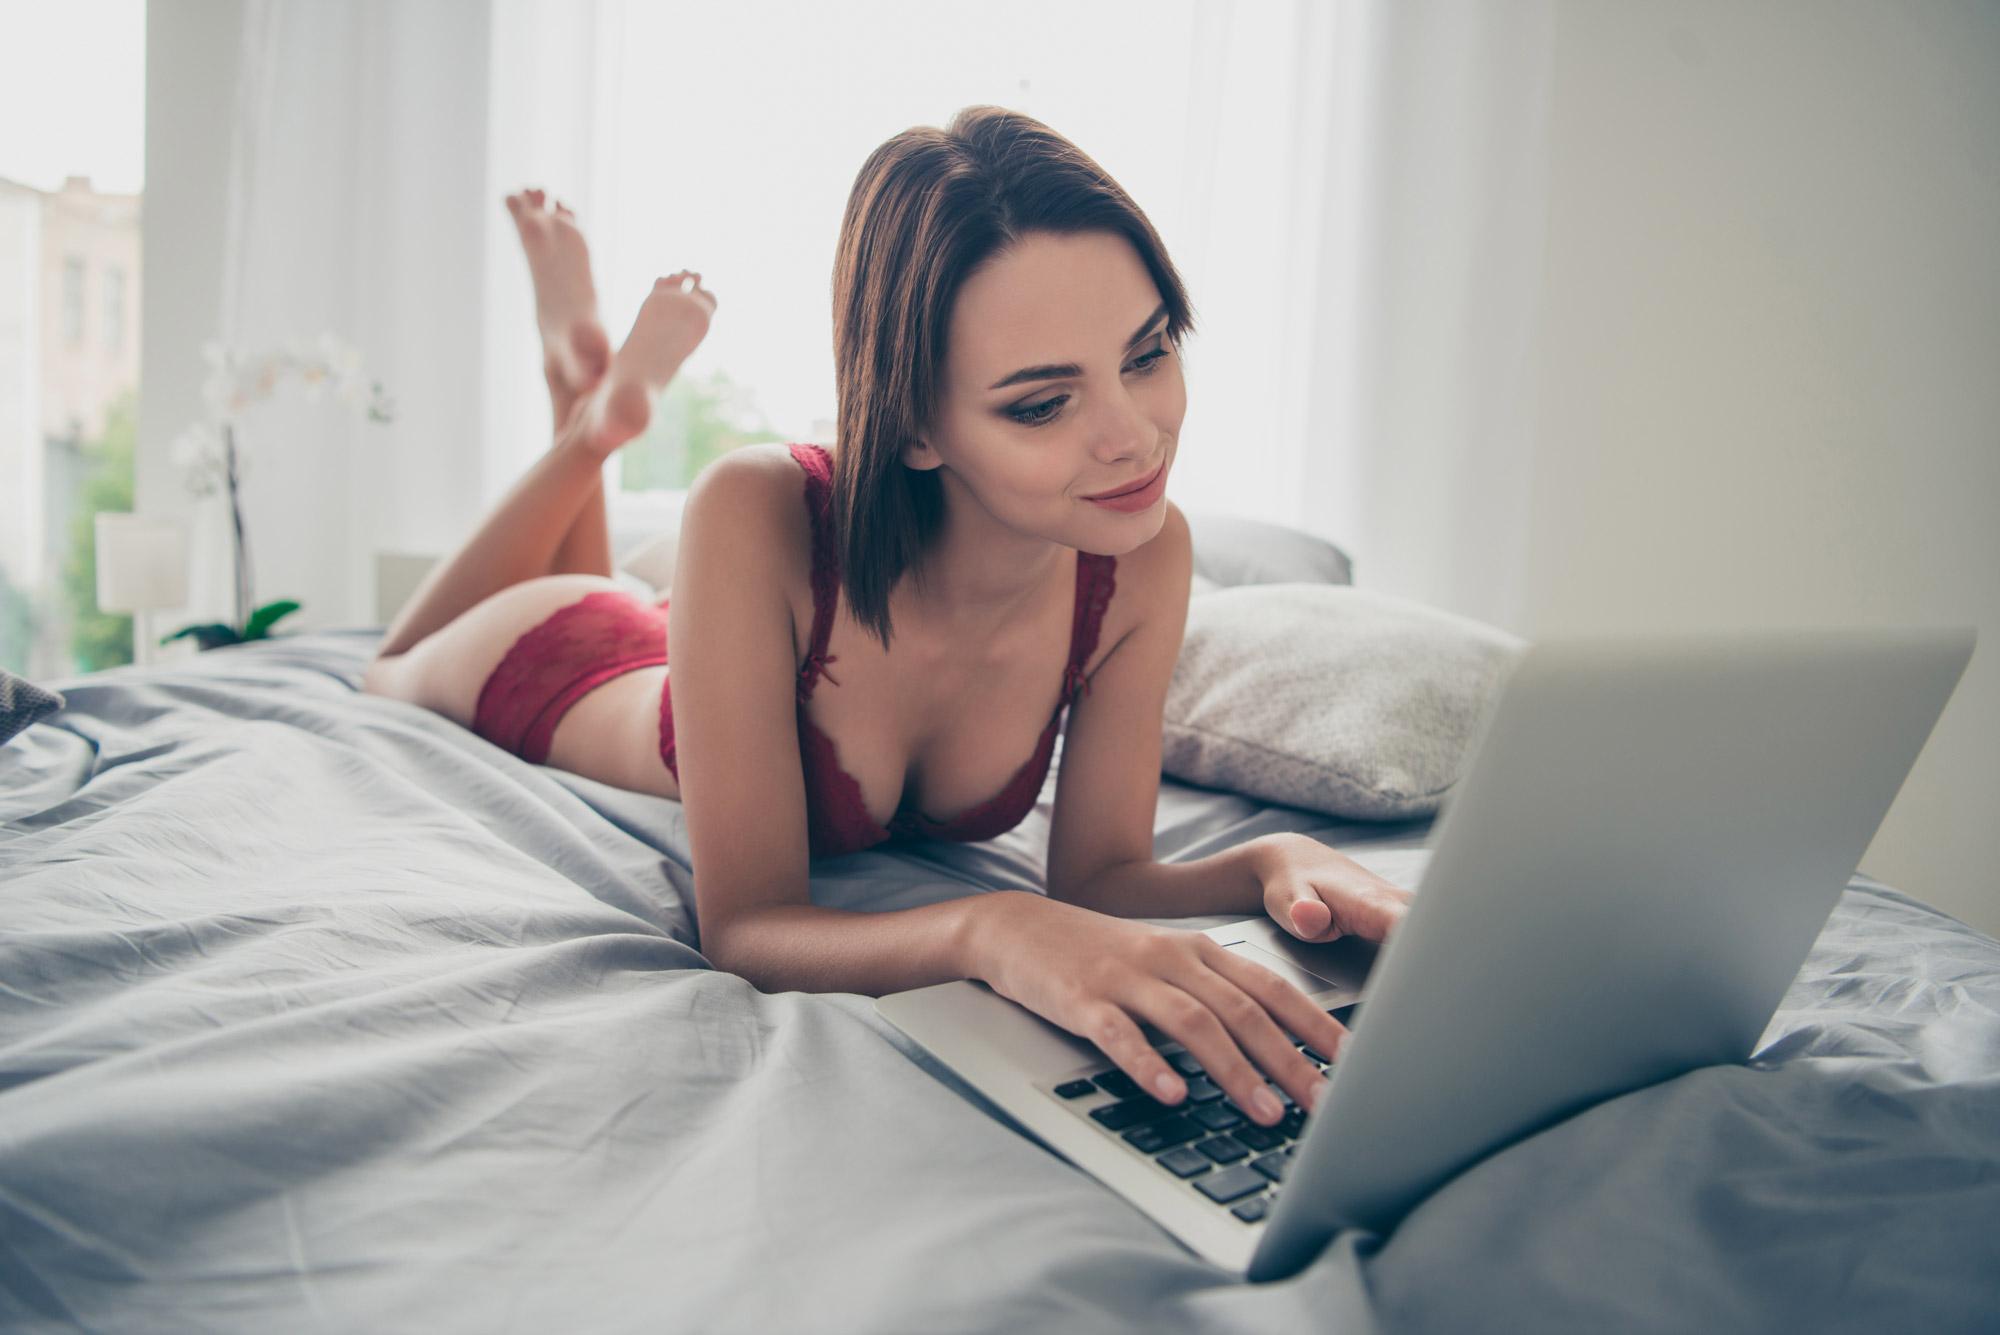 Yatakta Uzanan Kadın Bilgisayarda Sanal Seks Yapıyor